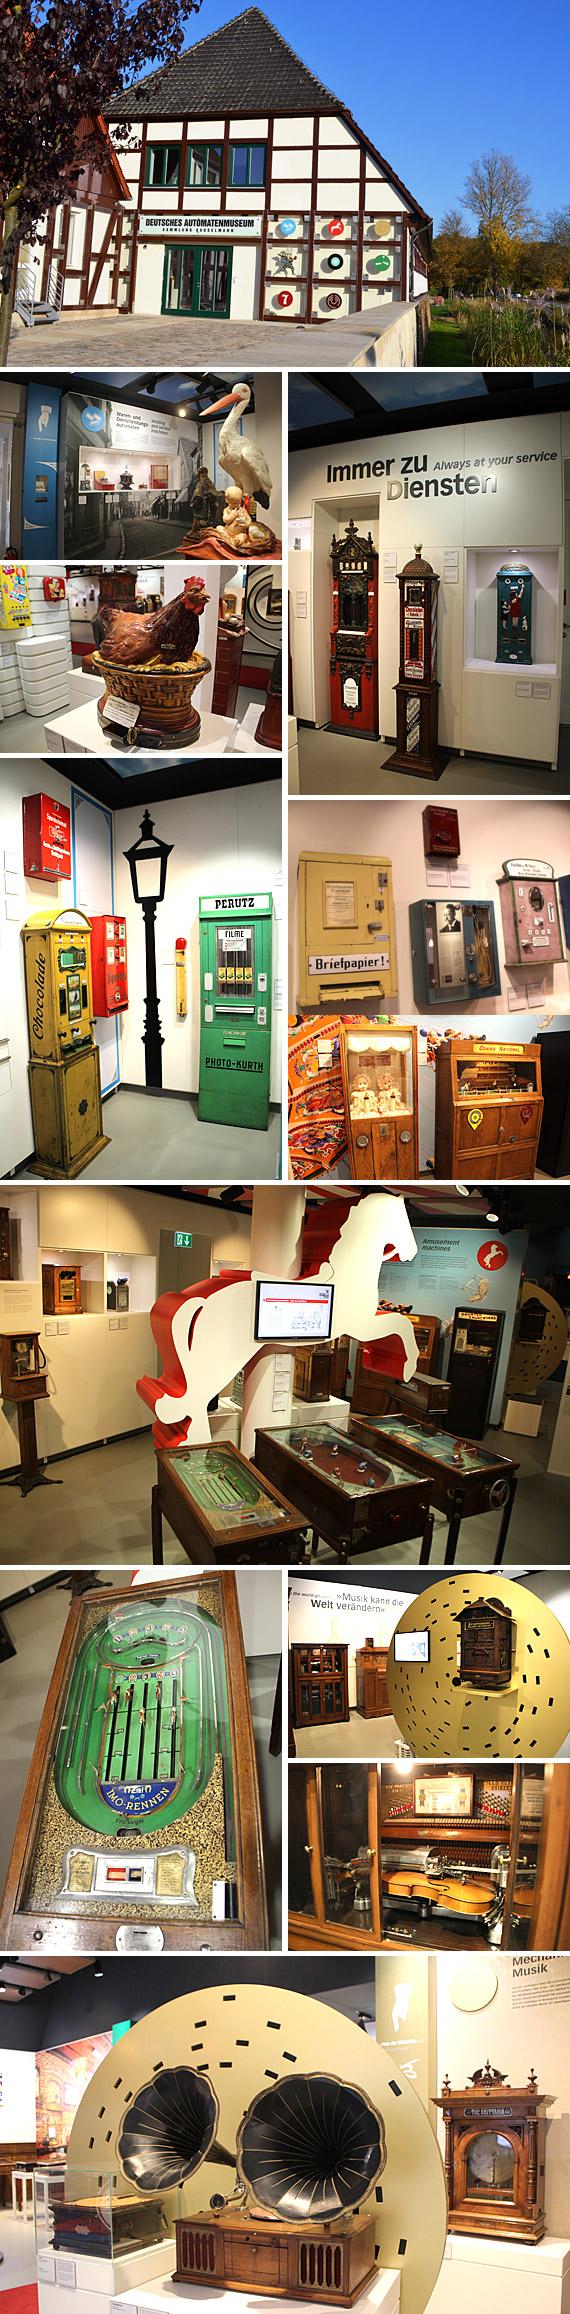 Das Deutsche Automaten Museum ist eine, seit 1985 wachsende, weltweit einzigartige private Sammlung historischer Münzautomaten der Unternehmerfamilie Gauselmann